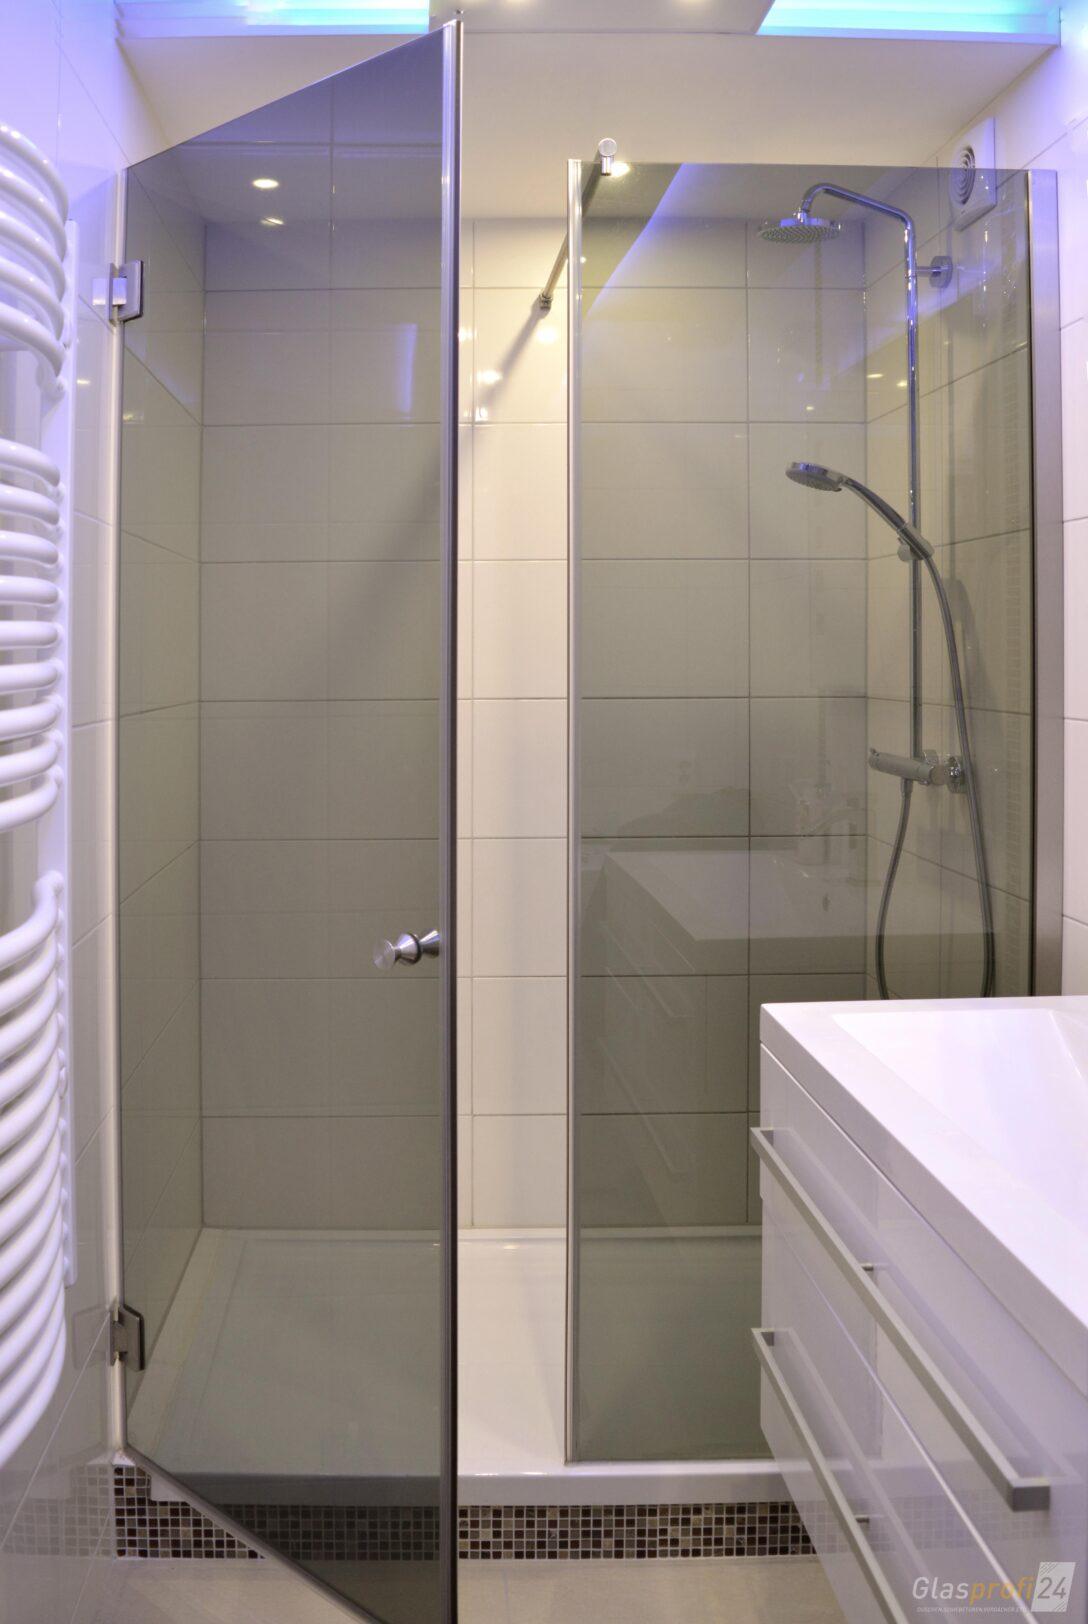 Large Size of Nischendusche Aus Glas Duschtr In Nische Glasprofi24 Rainshower Dusche Schulte Duschen Mischbatterie Breuer Fliesen Grohe Eckeinstieg Glasabtrennung Badewanne Dusche Nischentür Dusche